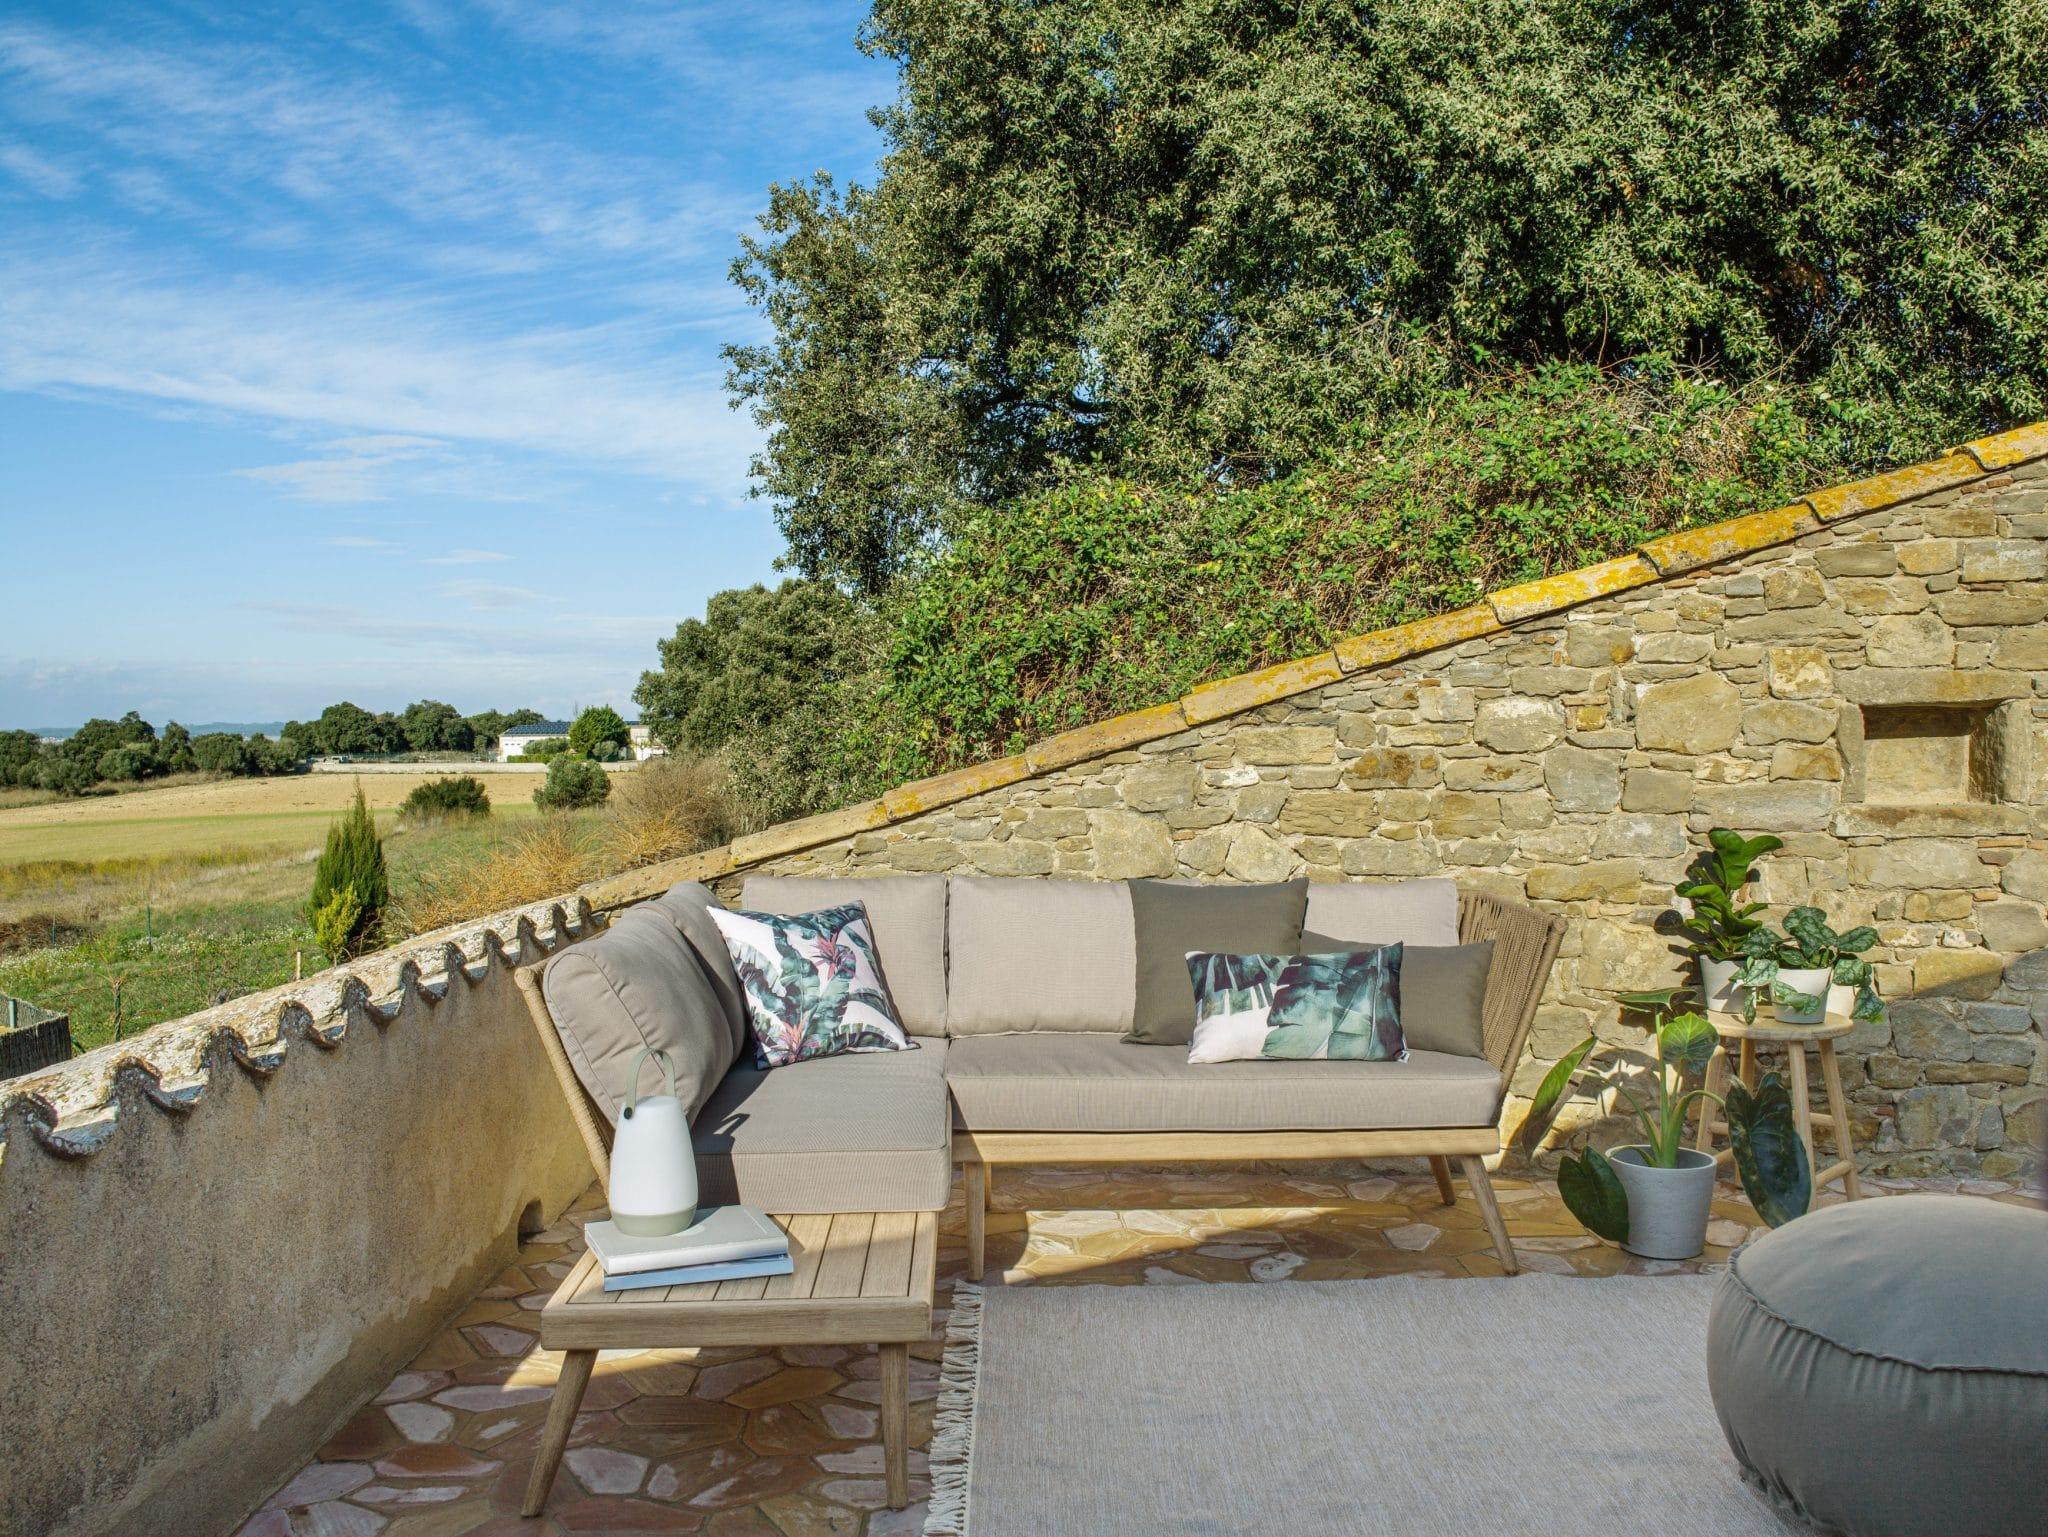 kave home collection weekend in provence maison décoration jardin extérieur terrasses balcon soleil 1